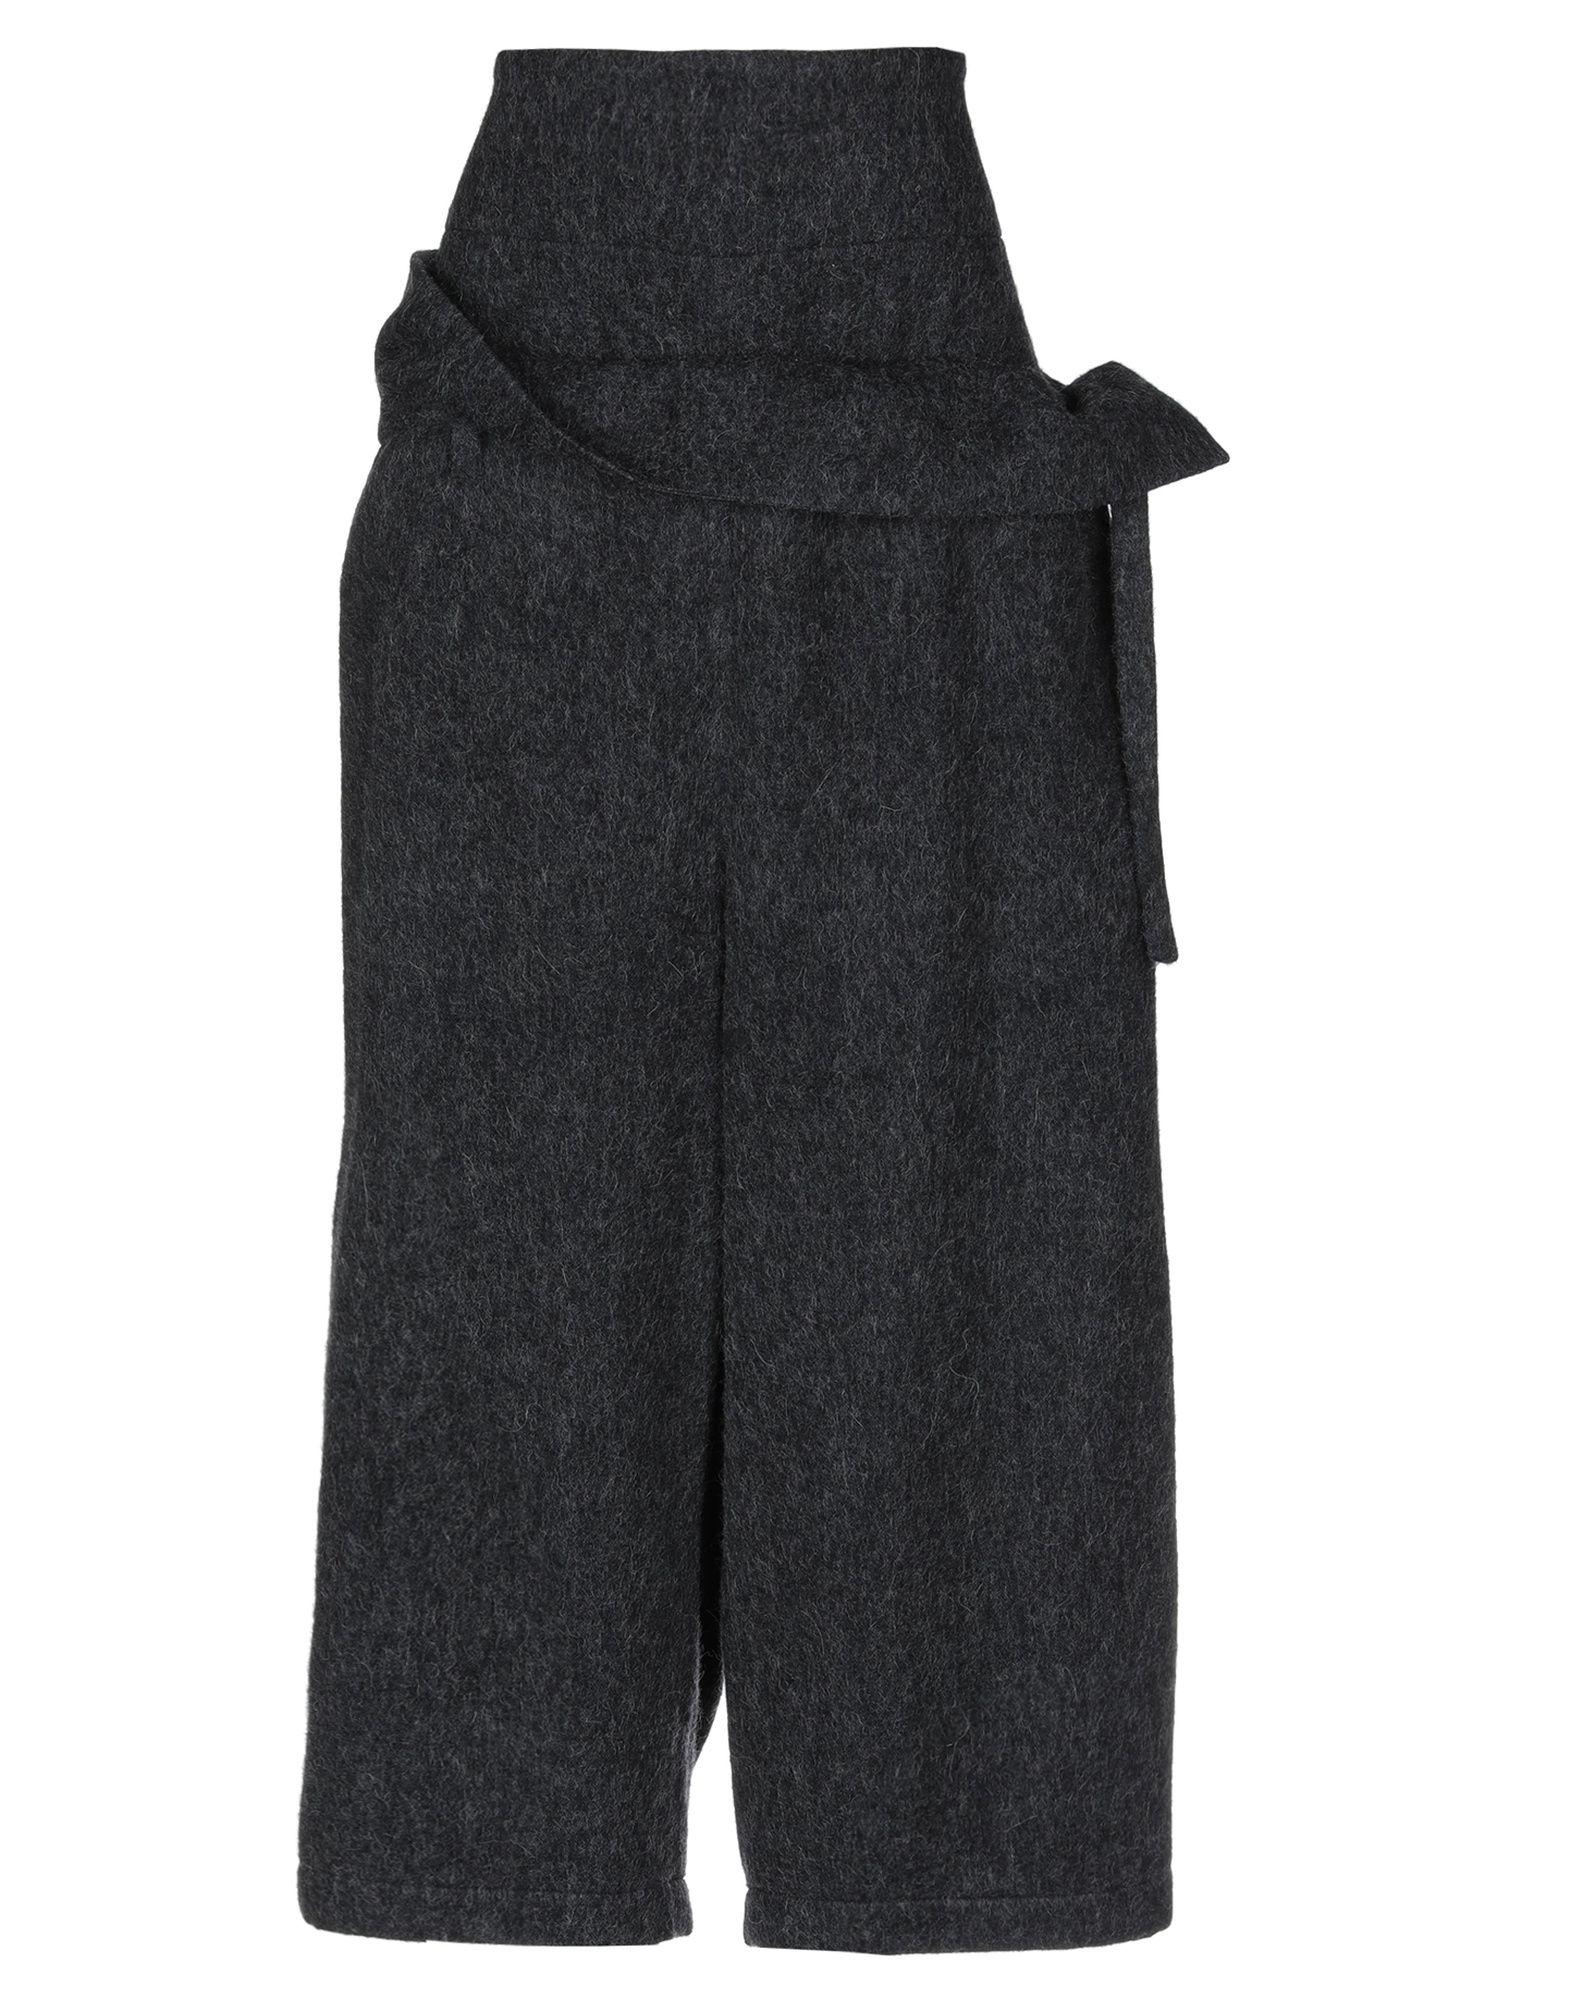 цена NOCTURNE #22 IN C SHARP MINOR, OP. POSTH. Повседневные брюки в интернет-магазинах